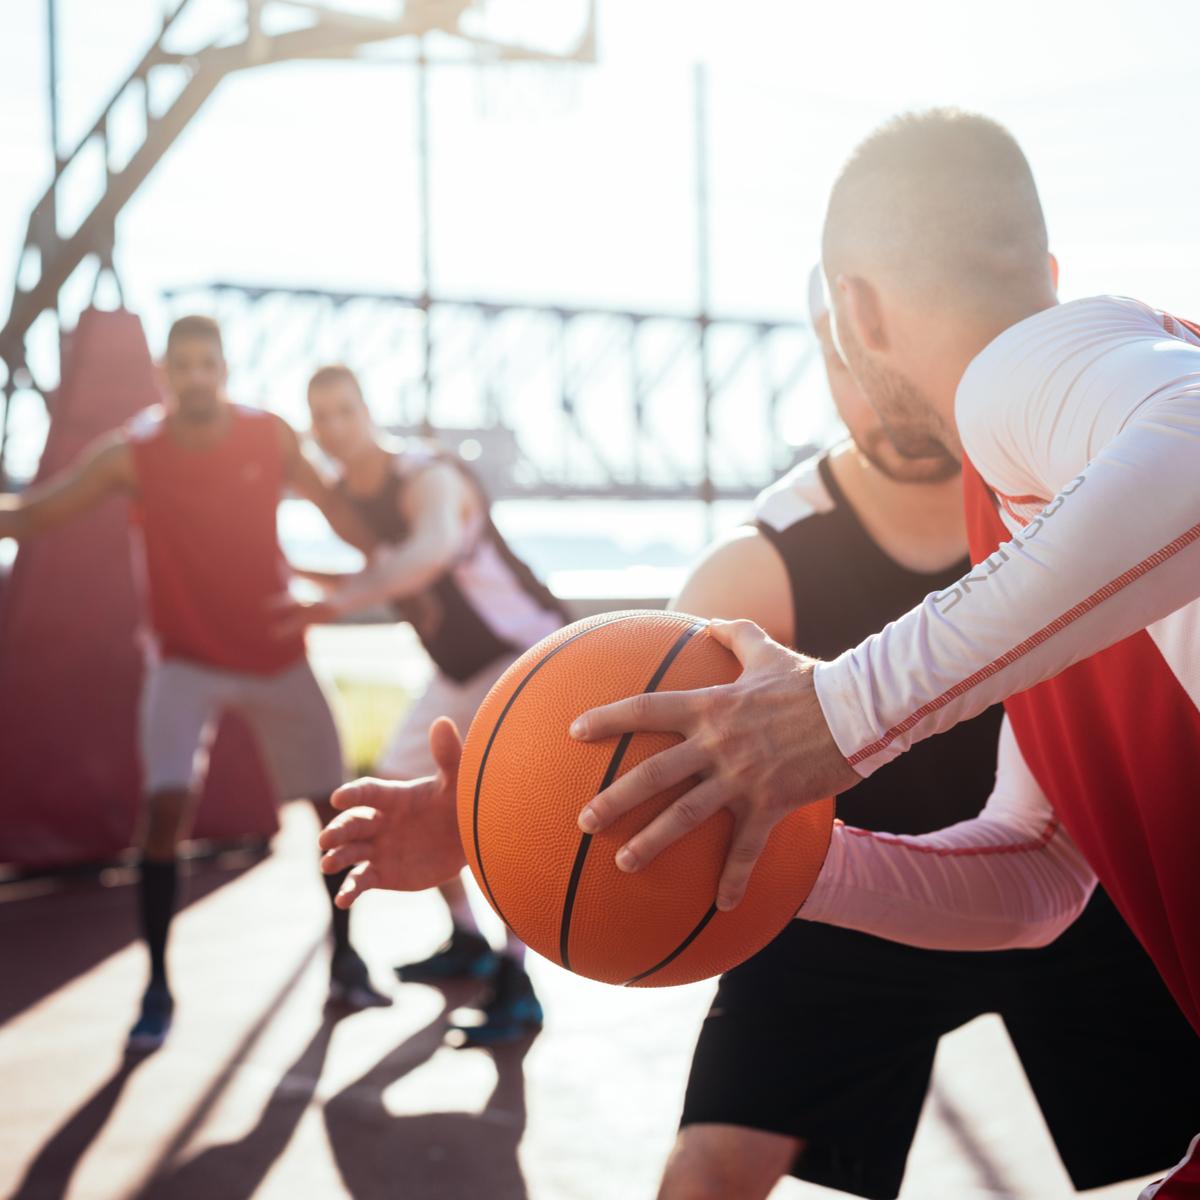 المهارات الأساسية لكرة السلة